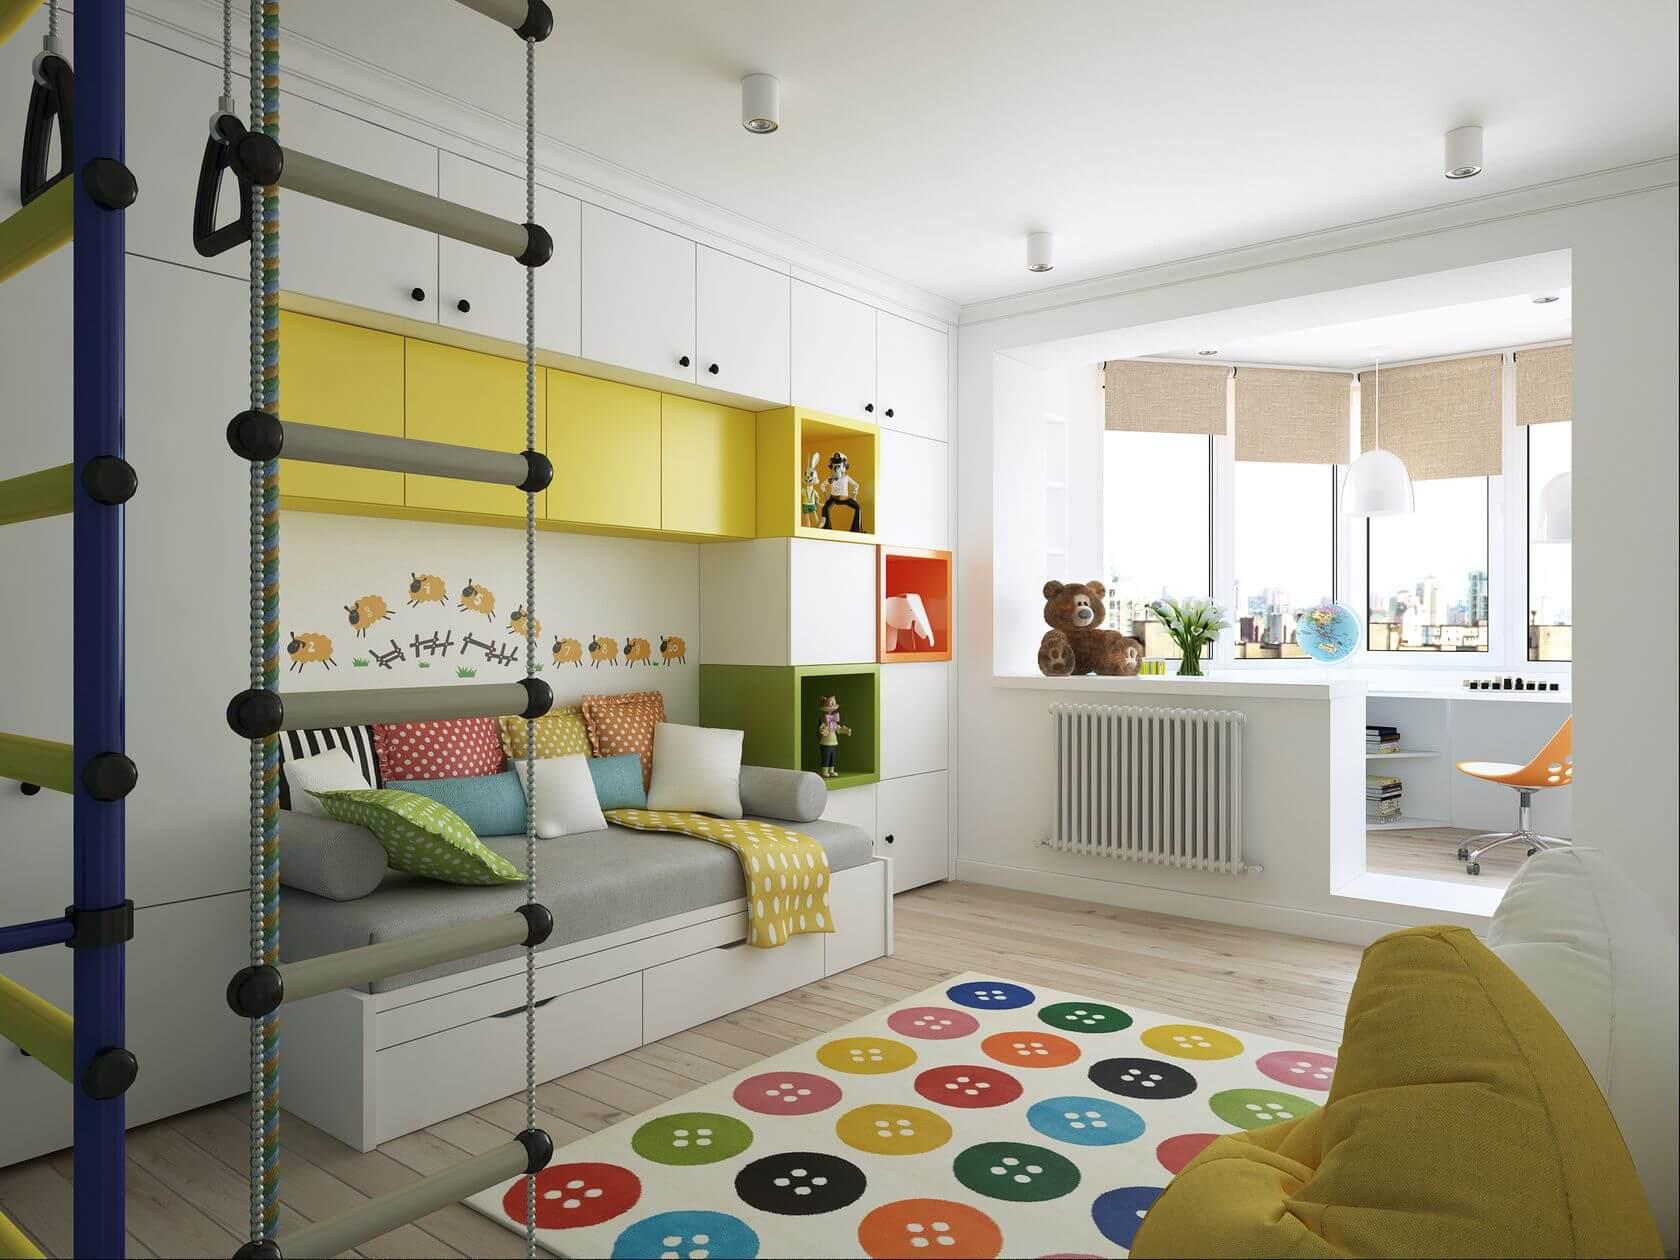 Картинки детские комнаты крутые, открытка